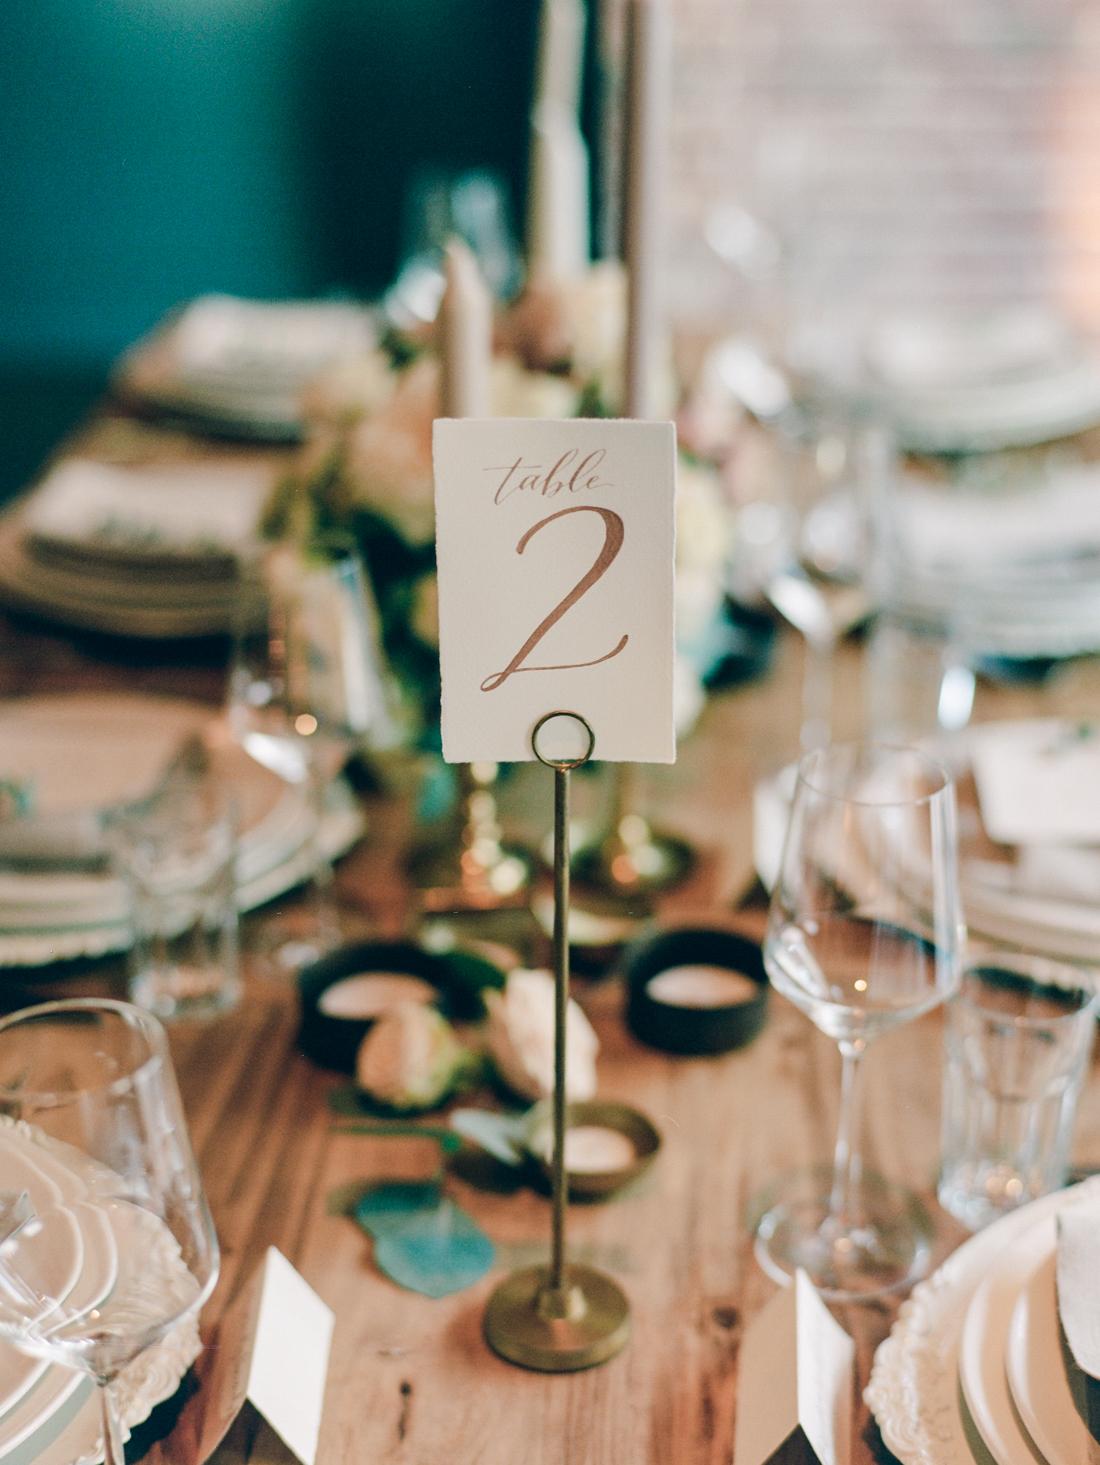 Kristin_Brett_TheKitchen_Denver_Wedding_by_Connie_Whitlock_web_245.jpg